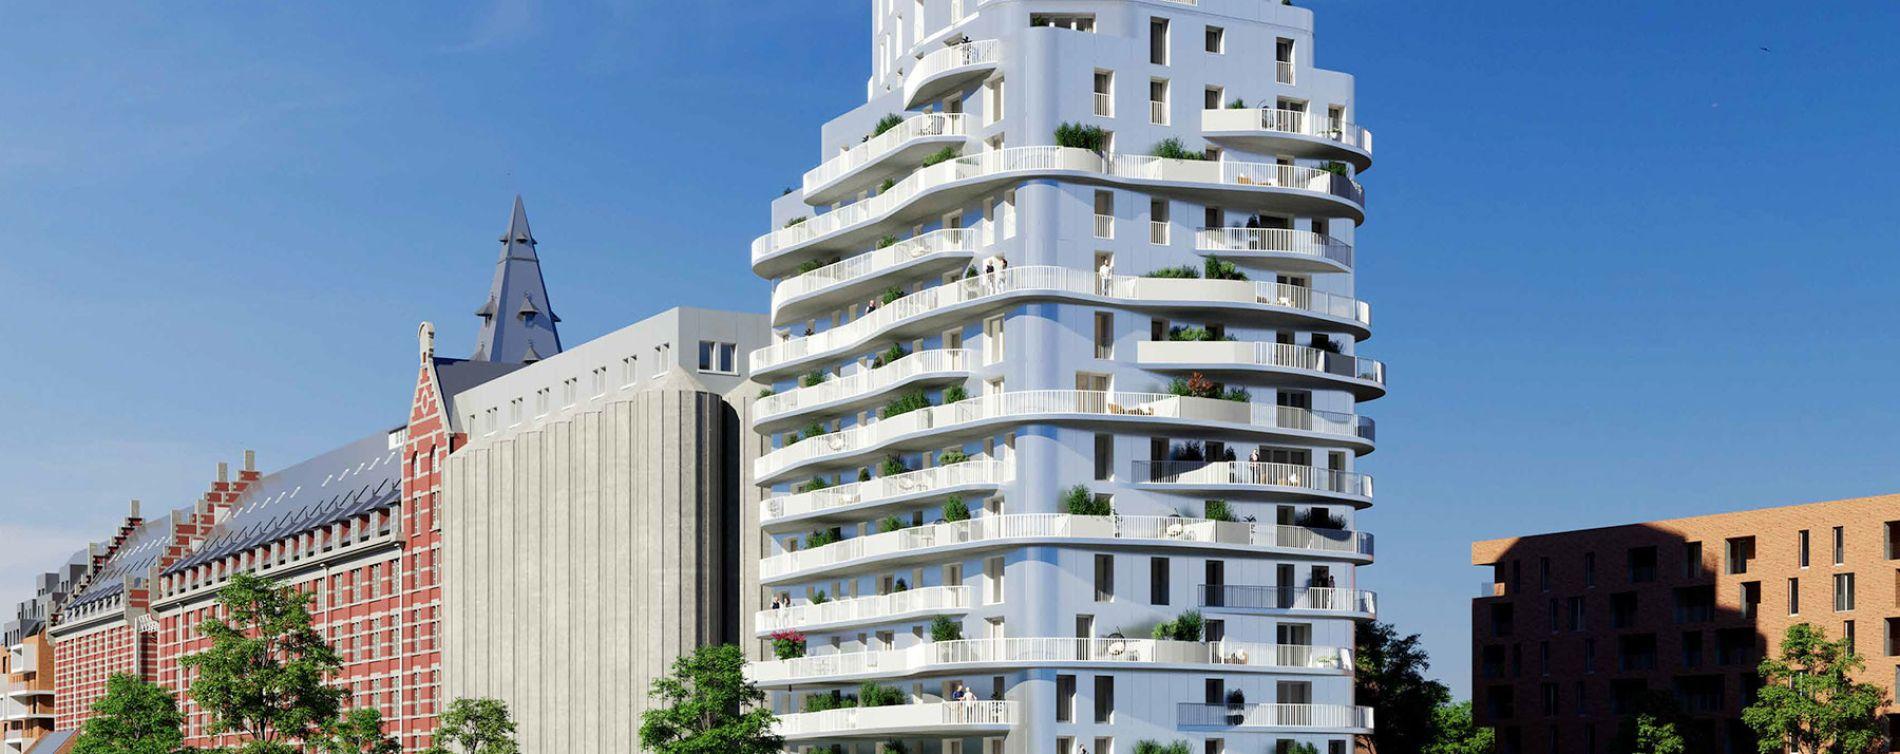 Résidence Brooklin Tower à Marquette-lez-Lille